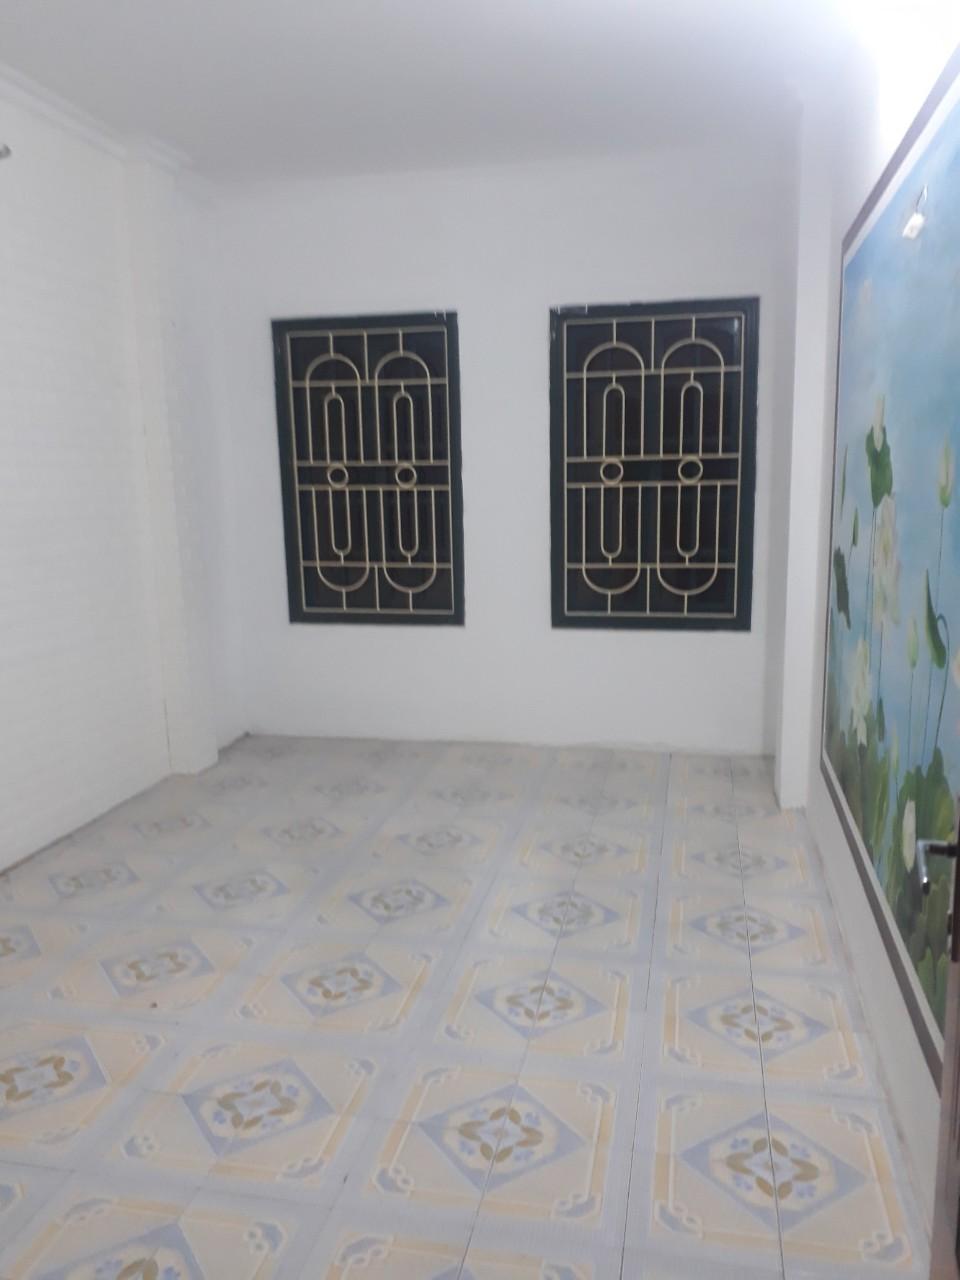 5 Cho thuê nhà phố Lý Nam Đế - Điện Biên Phủ 28m2, xây 5 tầng, 3 ngủ, 4 vs mới sửa đẹp giá 12tr